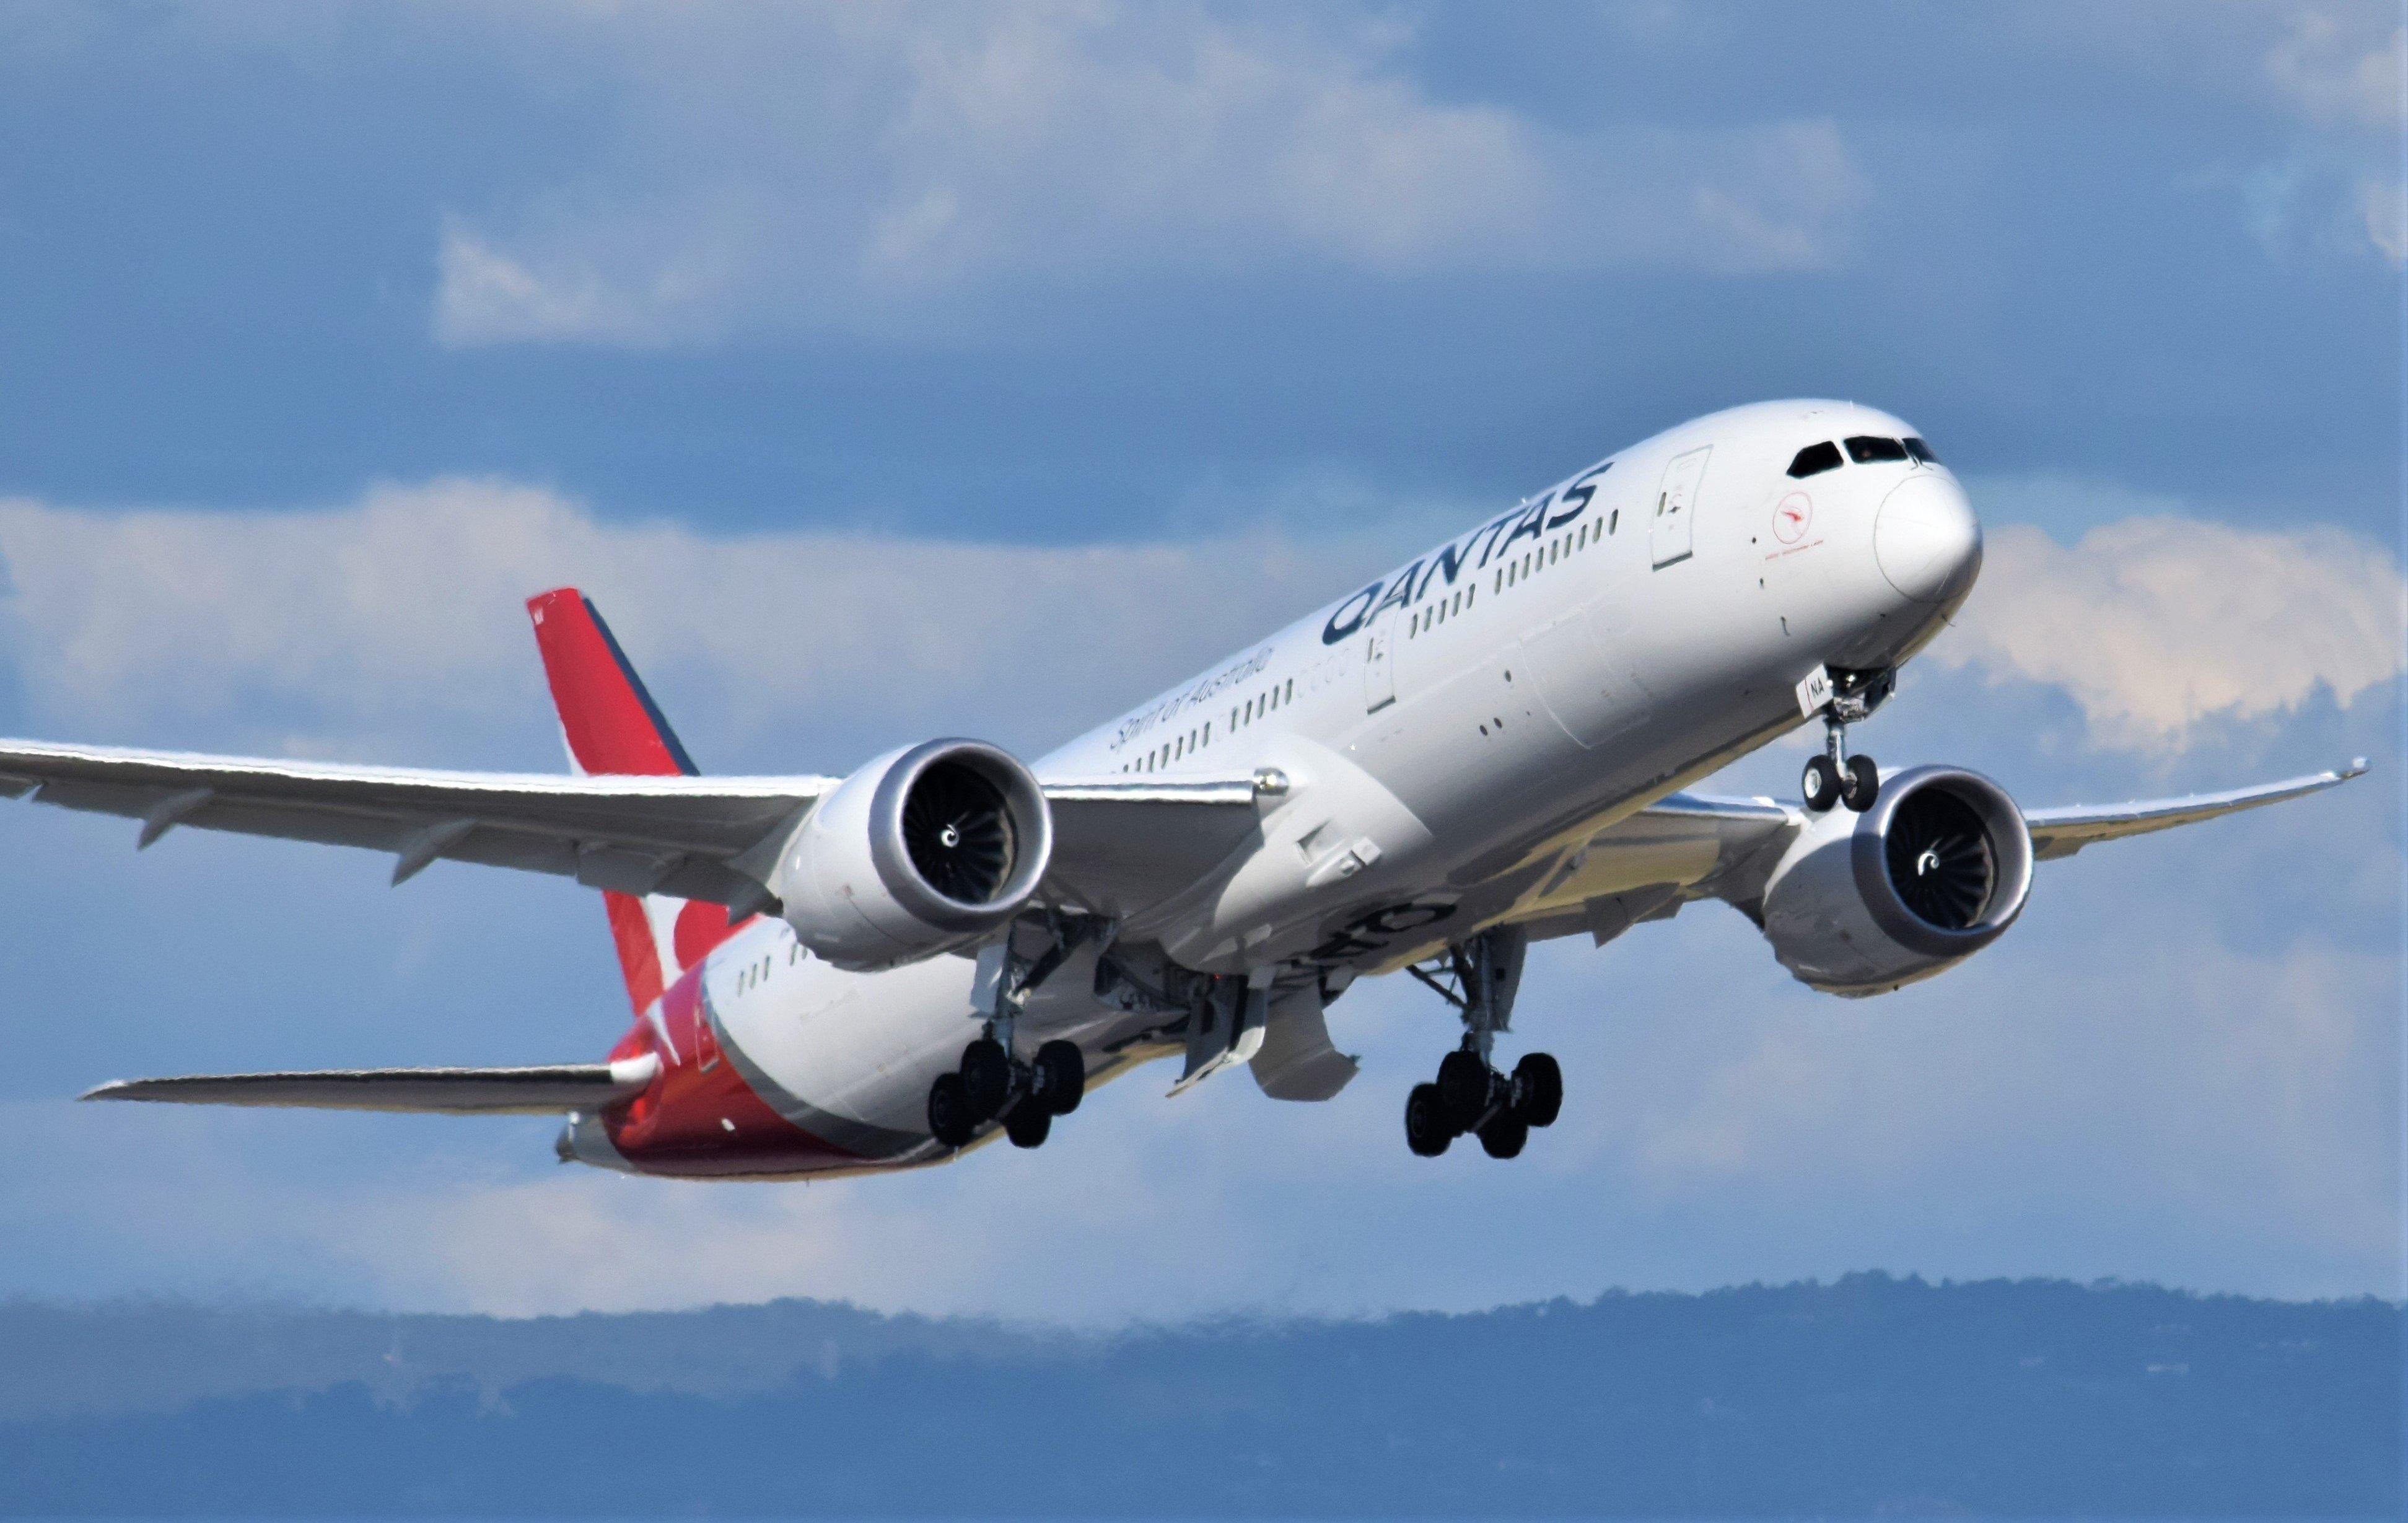 El Boeing-787 Dreamliner de la aerolínea Qantas